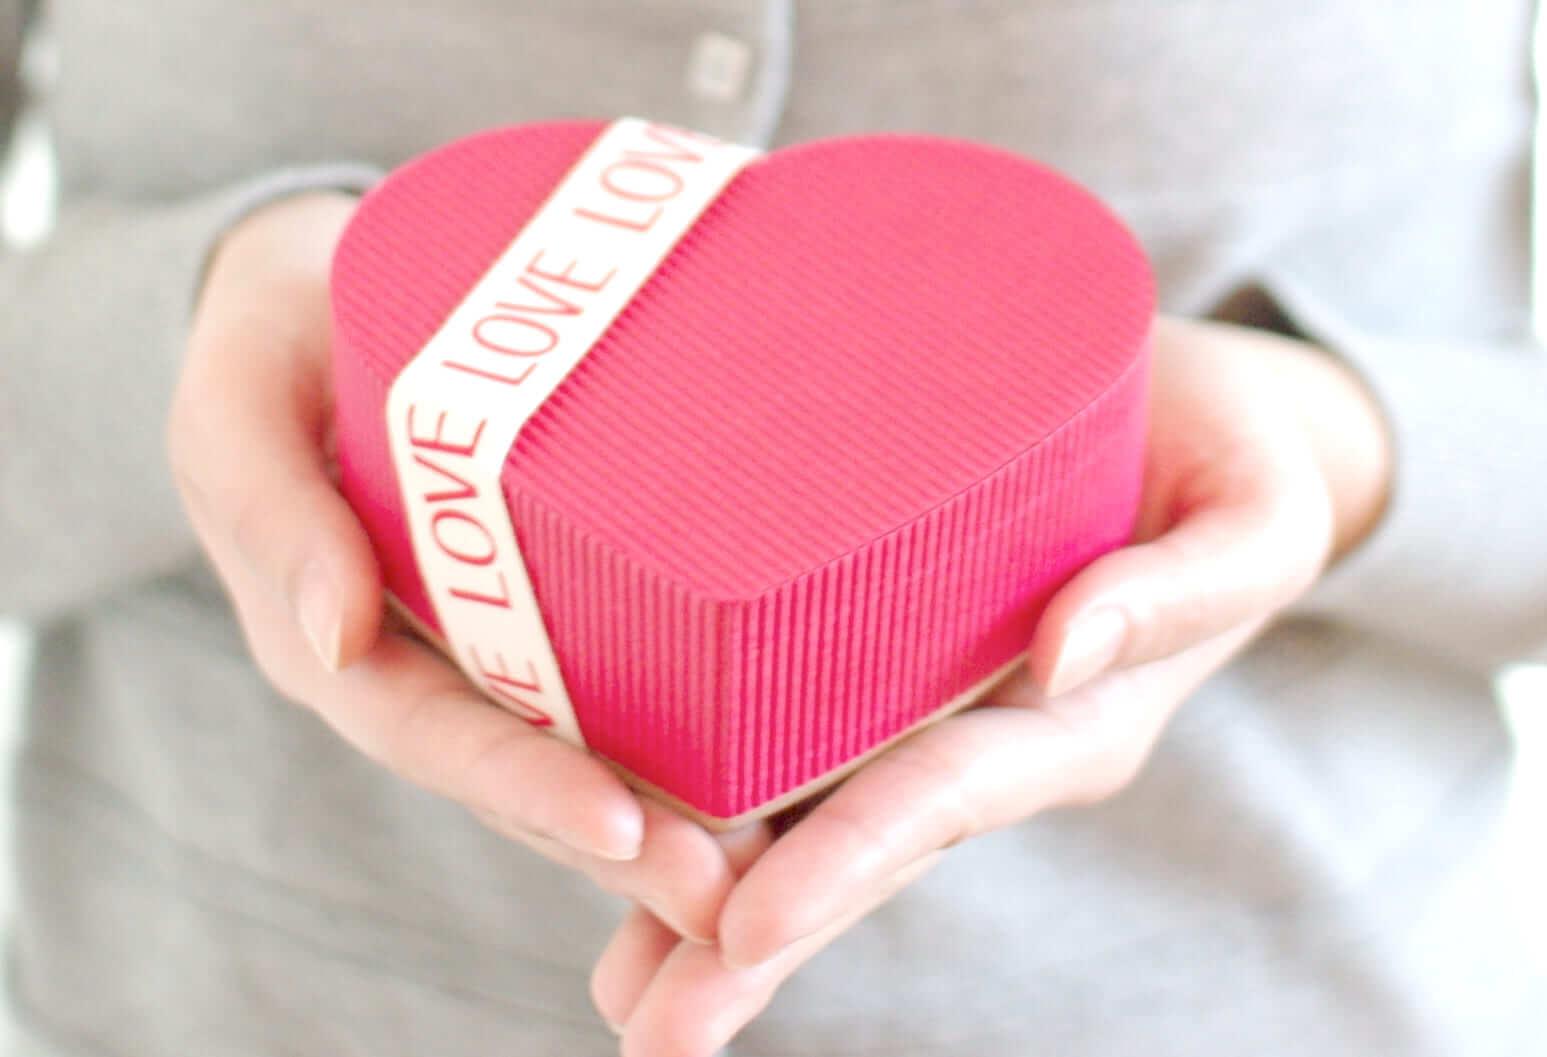 バレンタイン恋占い|あなたがアプローチしたら、2人は恋人になれる?